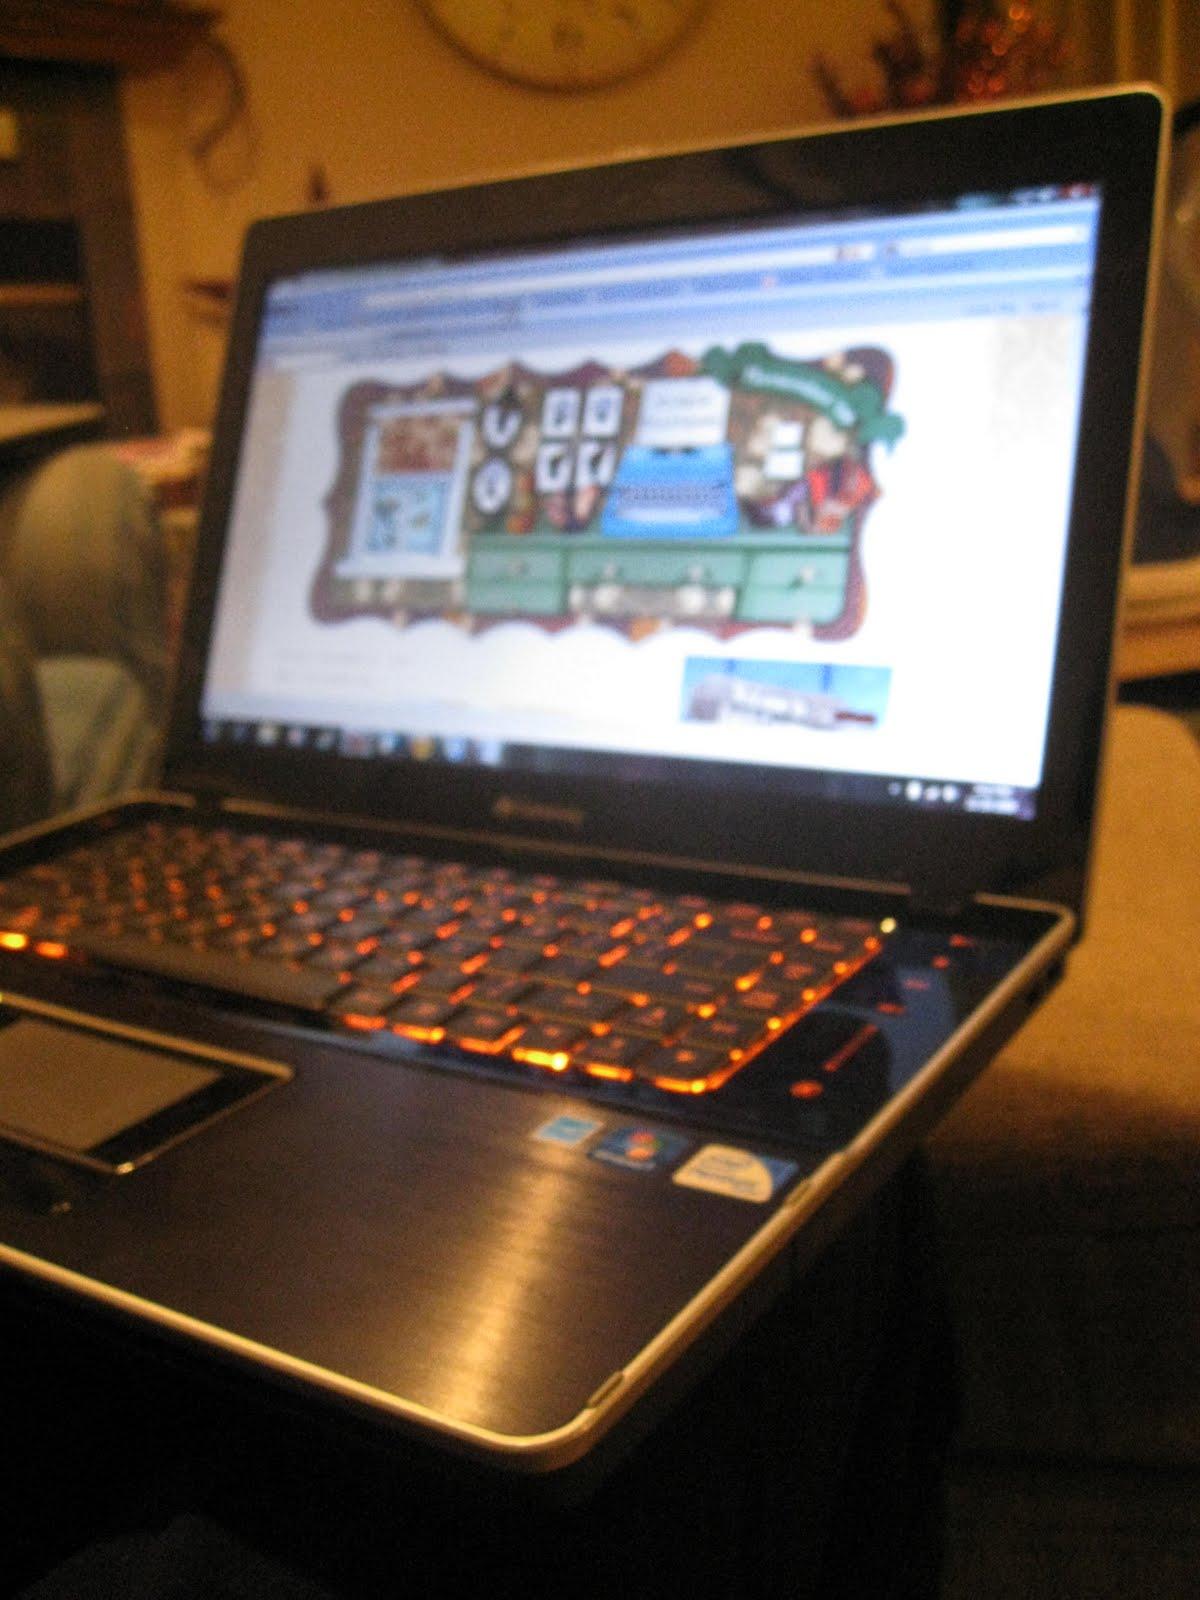 http://4.bp.blogspot.com/_QpoIhlHO_Yw/Swrh48bIAGI/AAAAAAAAAiQ/bWKD7uGYui8/s1600/IMG_2222.JPG